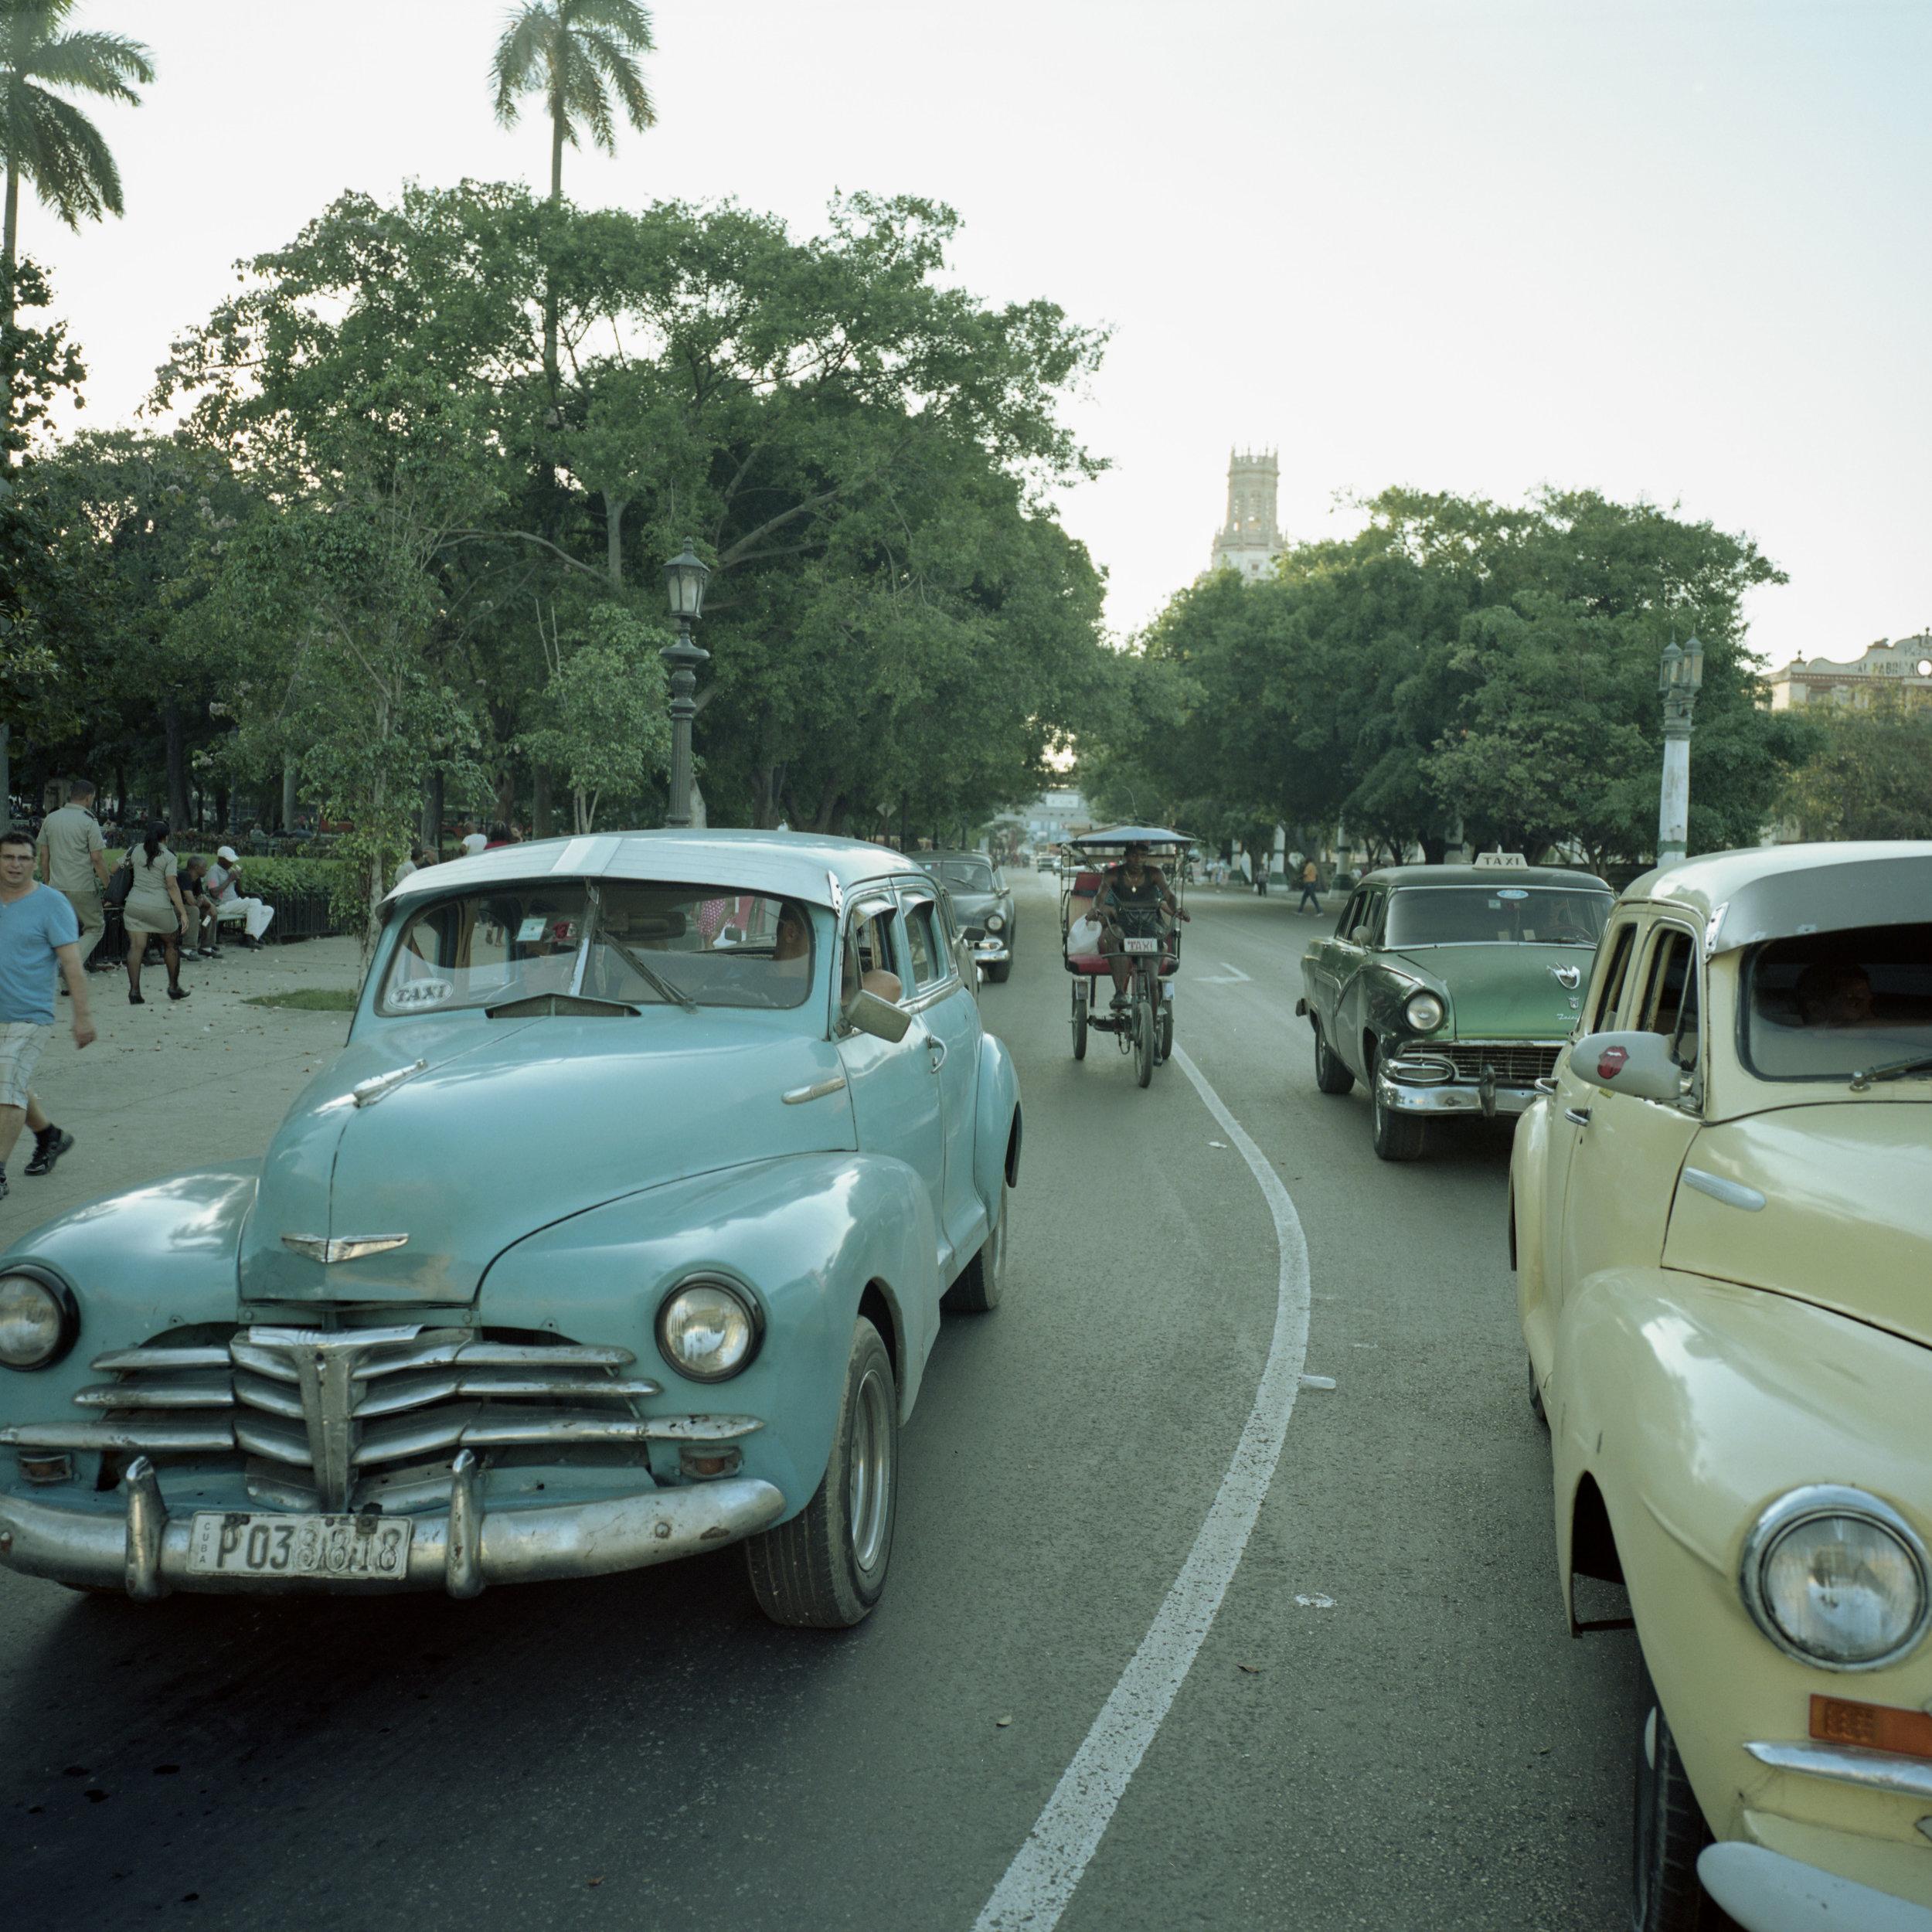 Typical light in Havana Gf670w + Portra